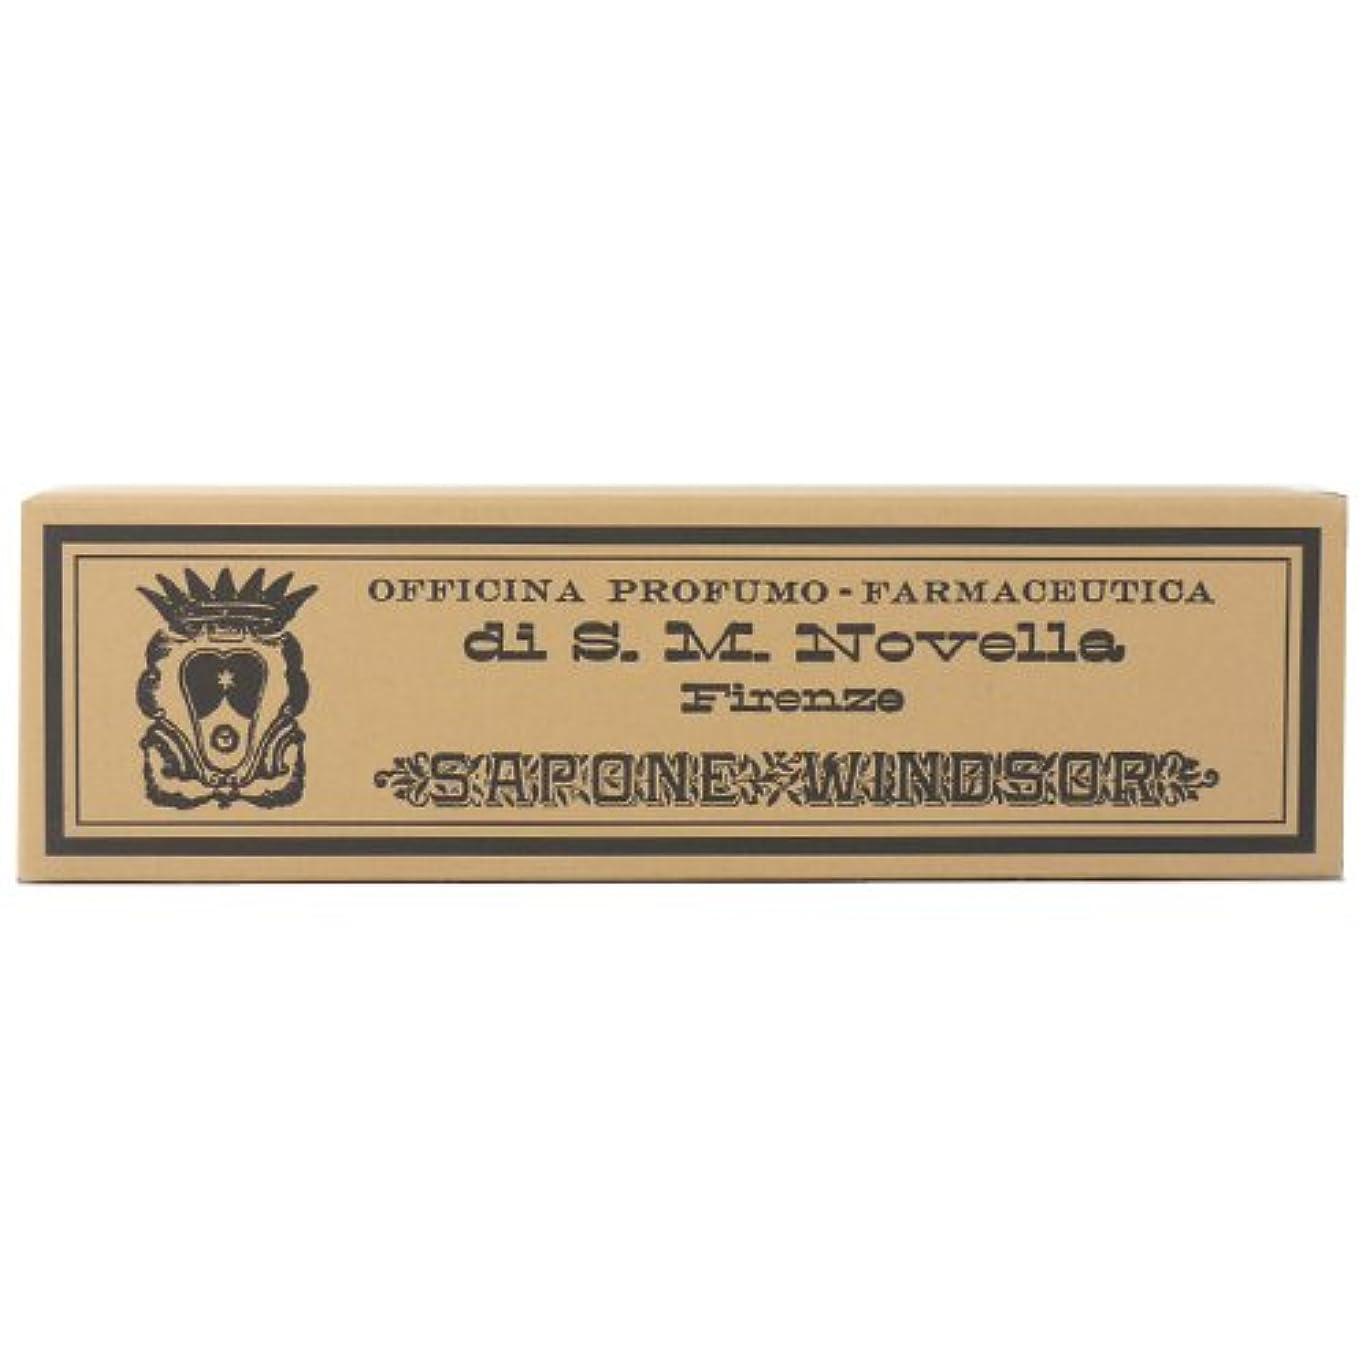 きゅうり厚い持続的サンタマリアノヴェッラ ウィンザーソープ 3x50g 【並行輸入品】